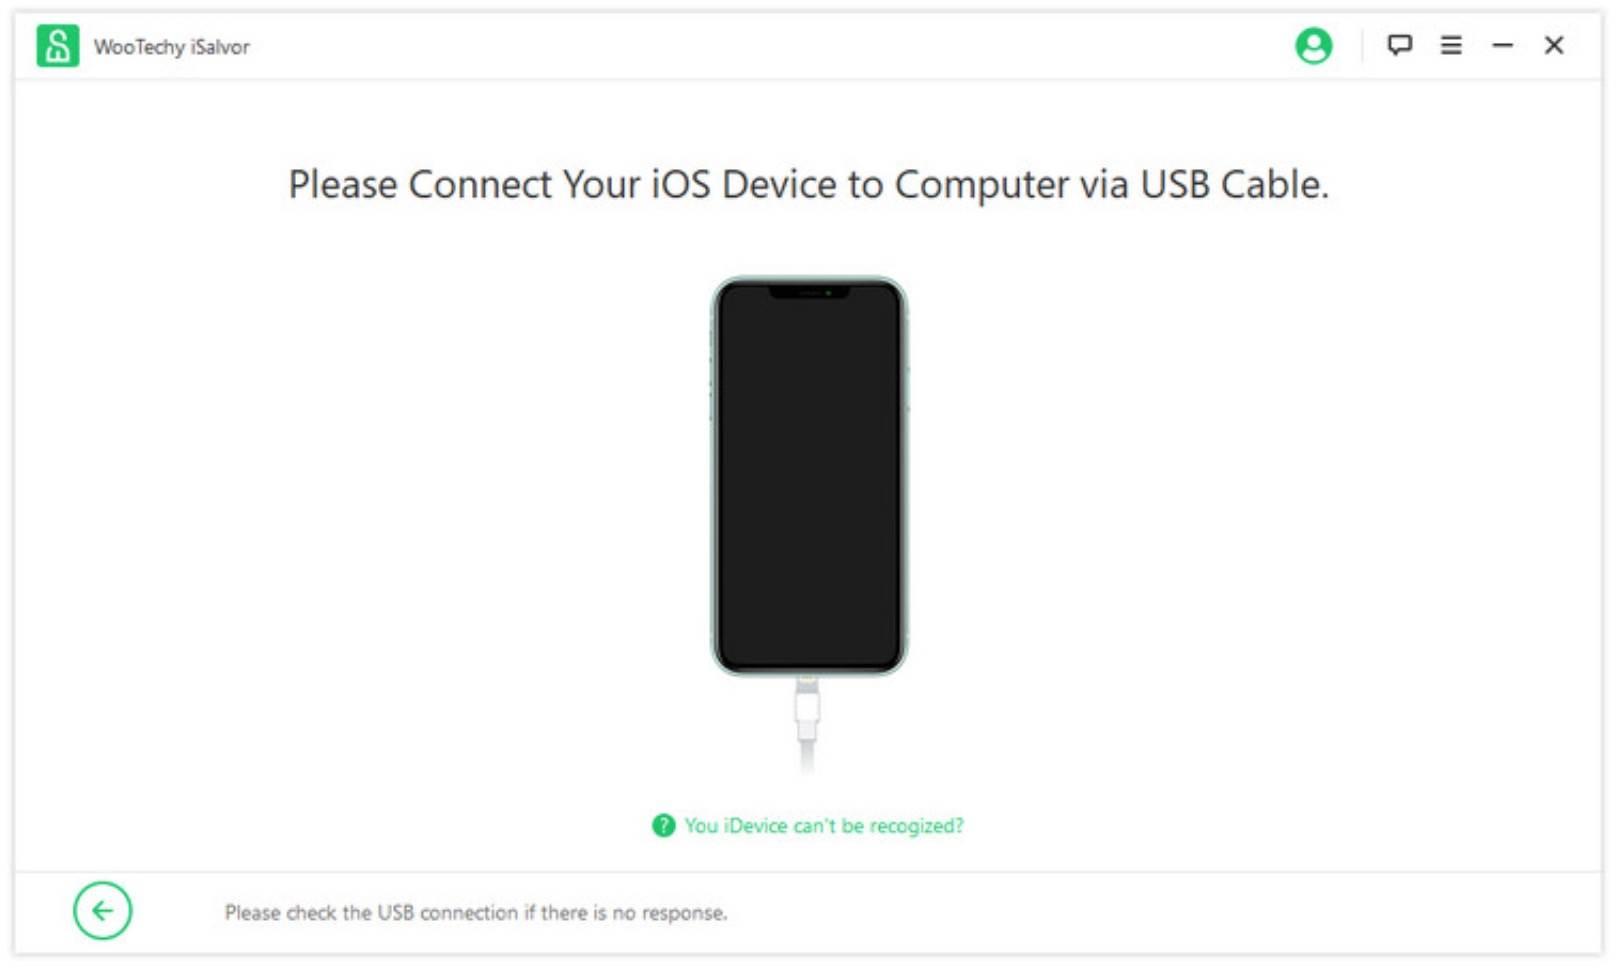 Jak usunąć blokadę aktywacji z iPhone, iPad? ciekawostki zablokowany IPhone, usunięcie icloud, usunięcie blokady, blokada iCloud  Blokada aktywacji ma na celu zapewnienie bezpieczeństwa urządzeń Apple i informacji o użytkowniku, ale czasami może stać się to sporym problemem. 1@2x 12